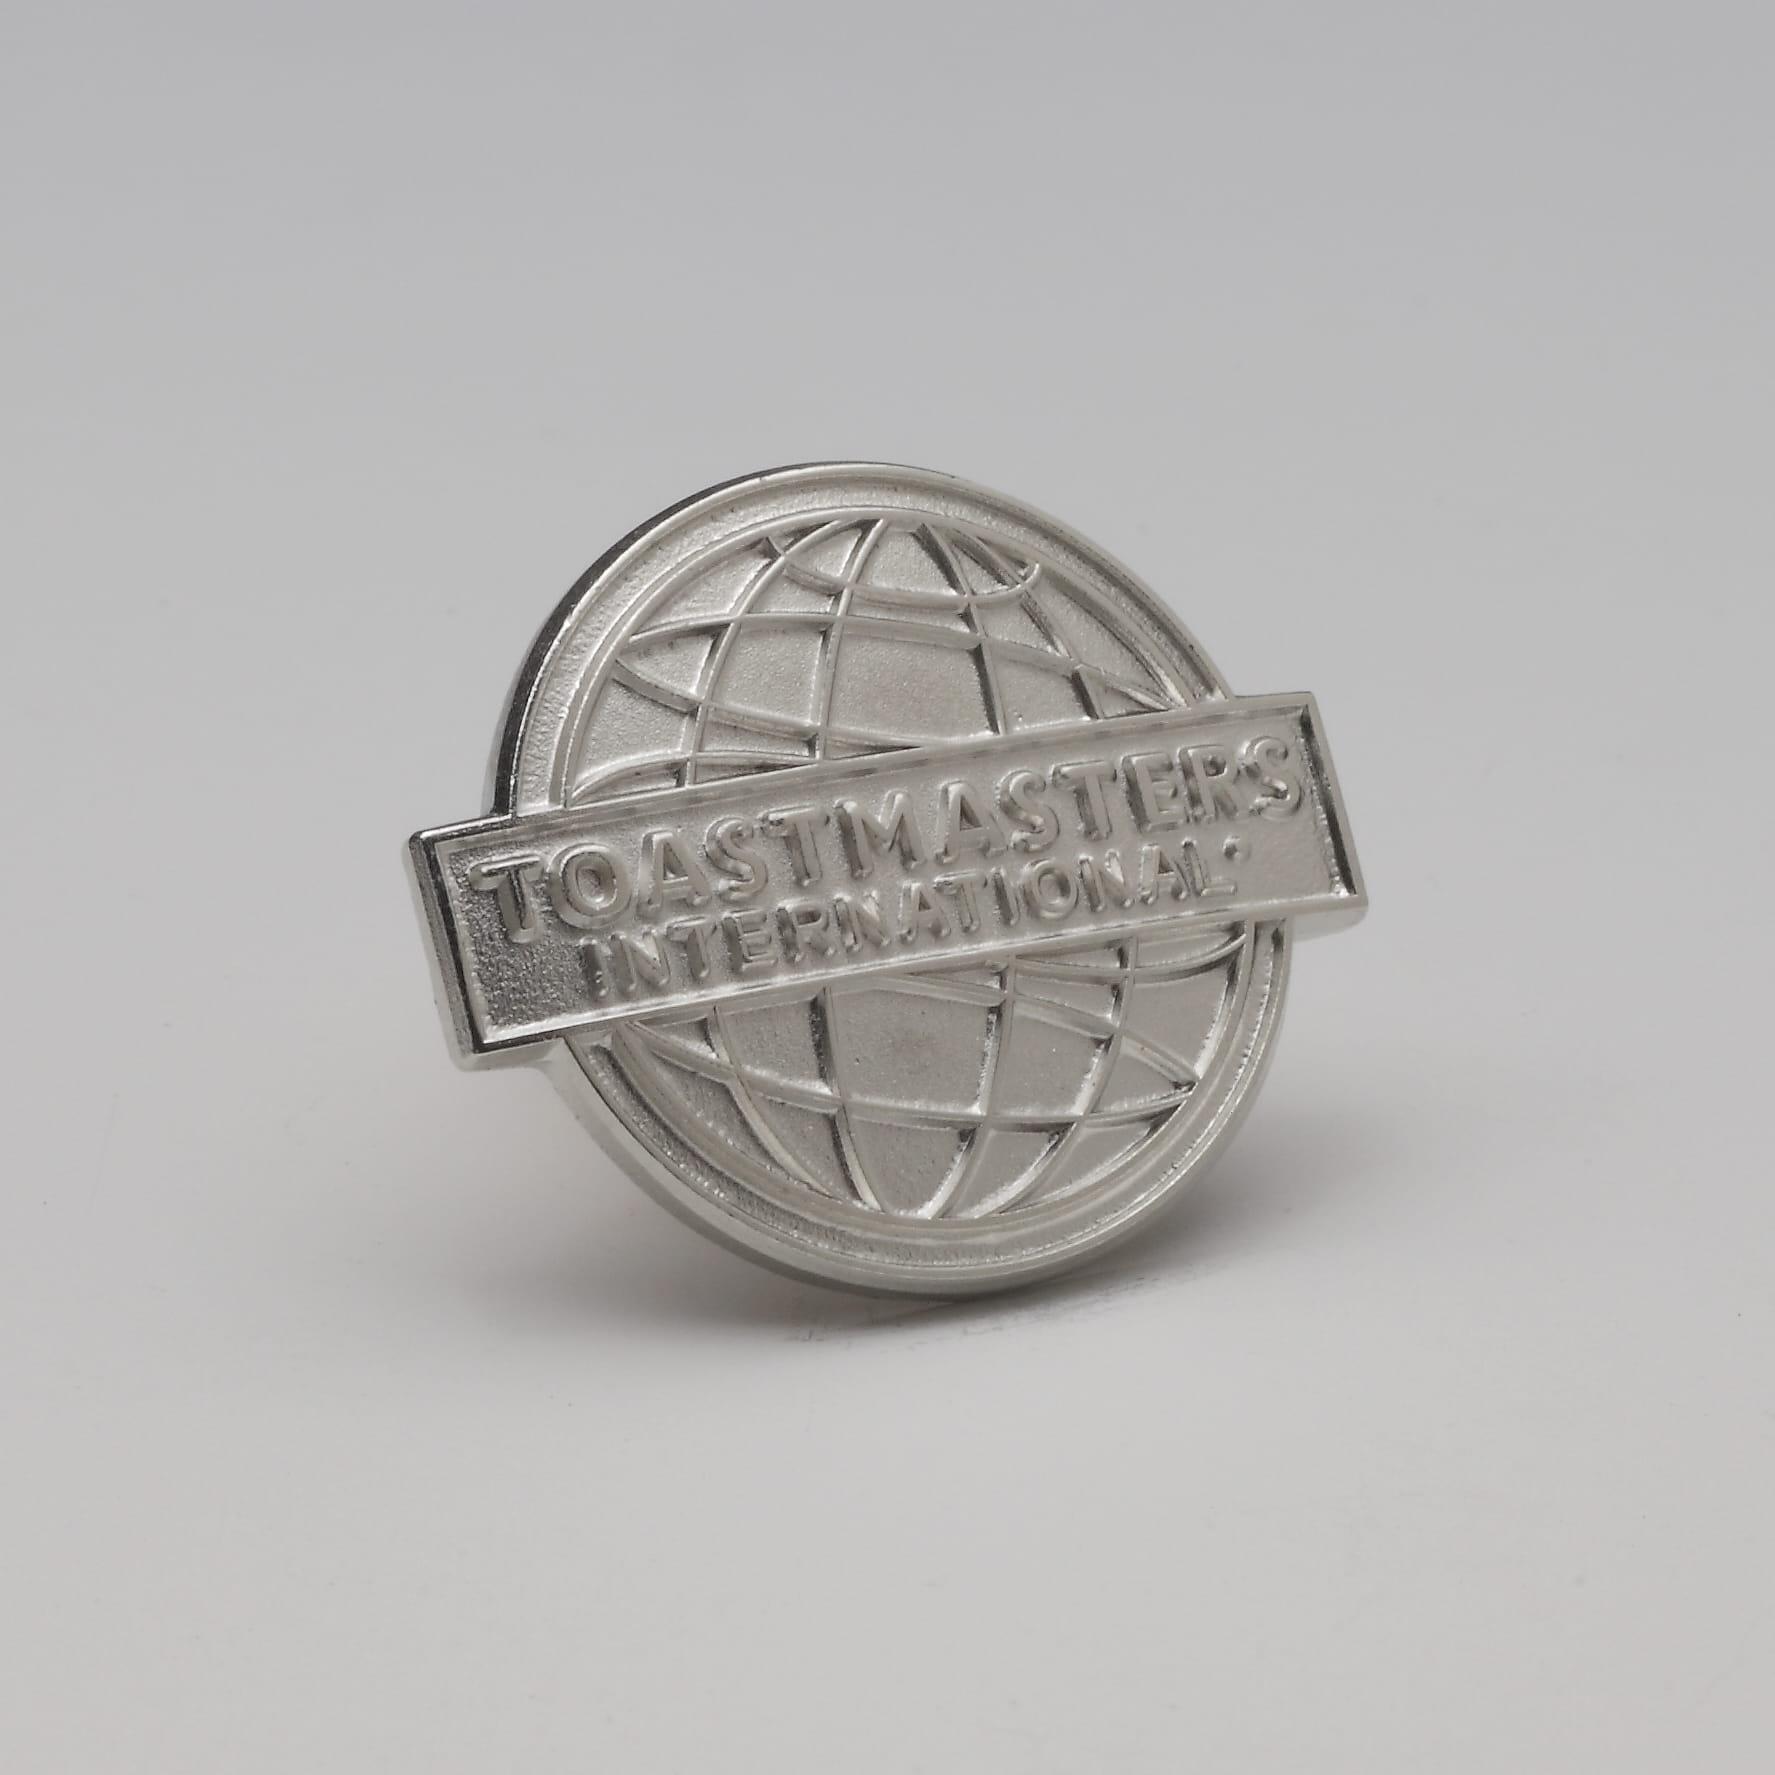 Membership Pin (Silver)